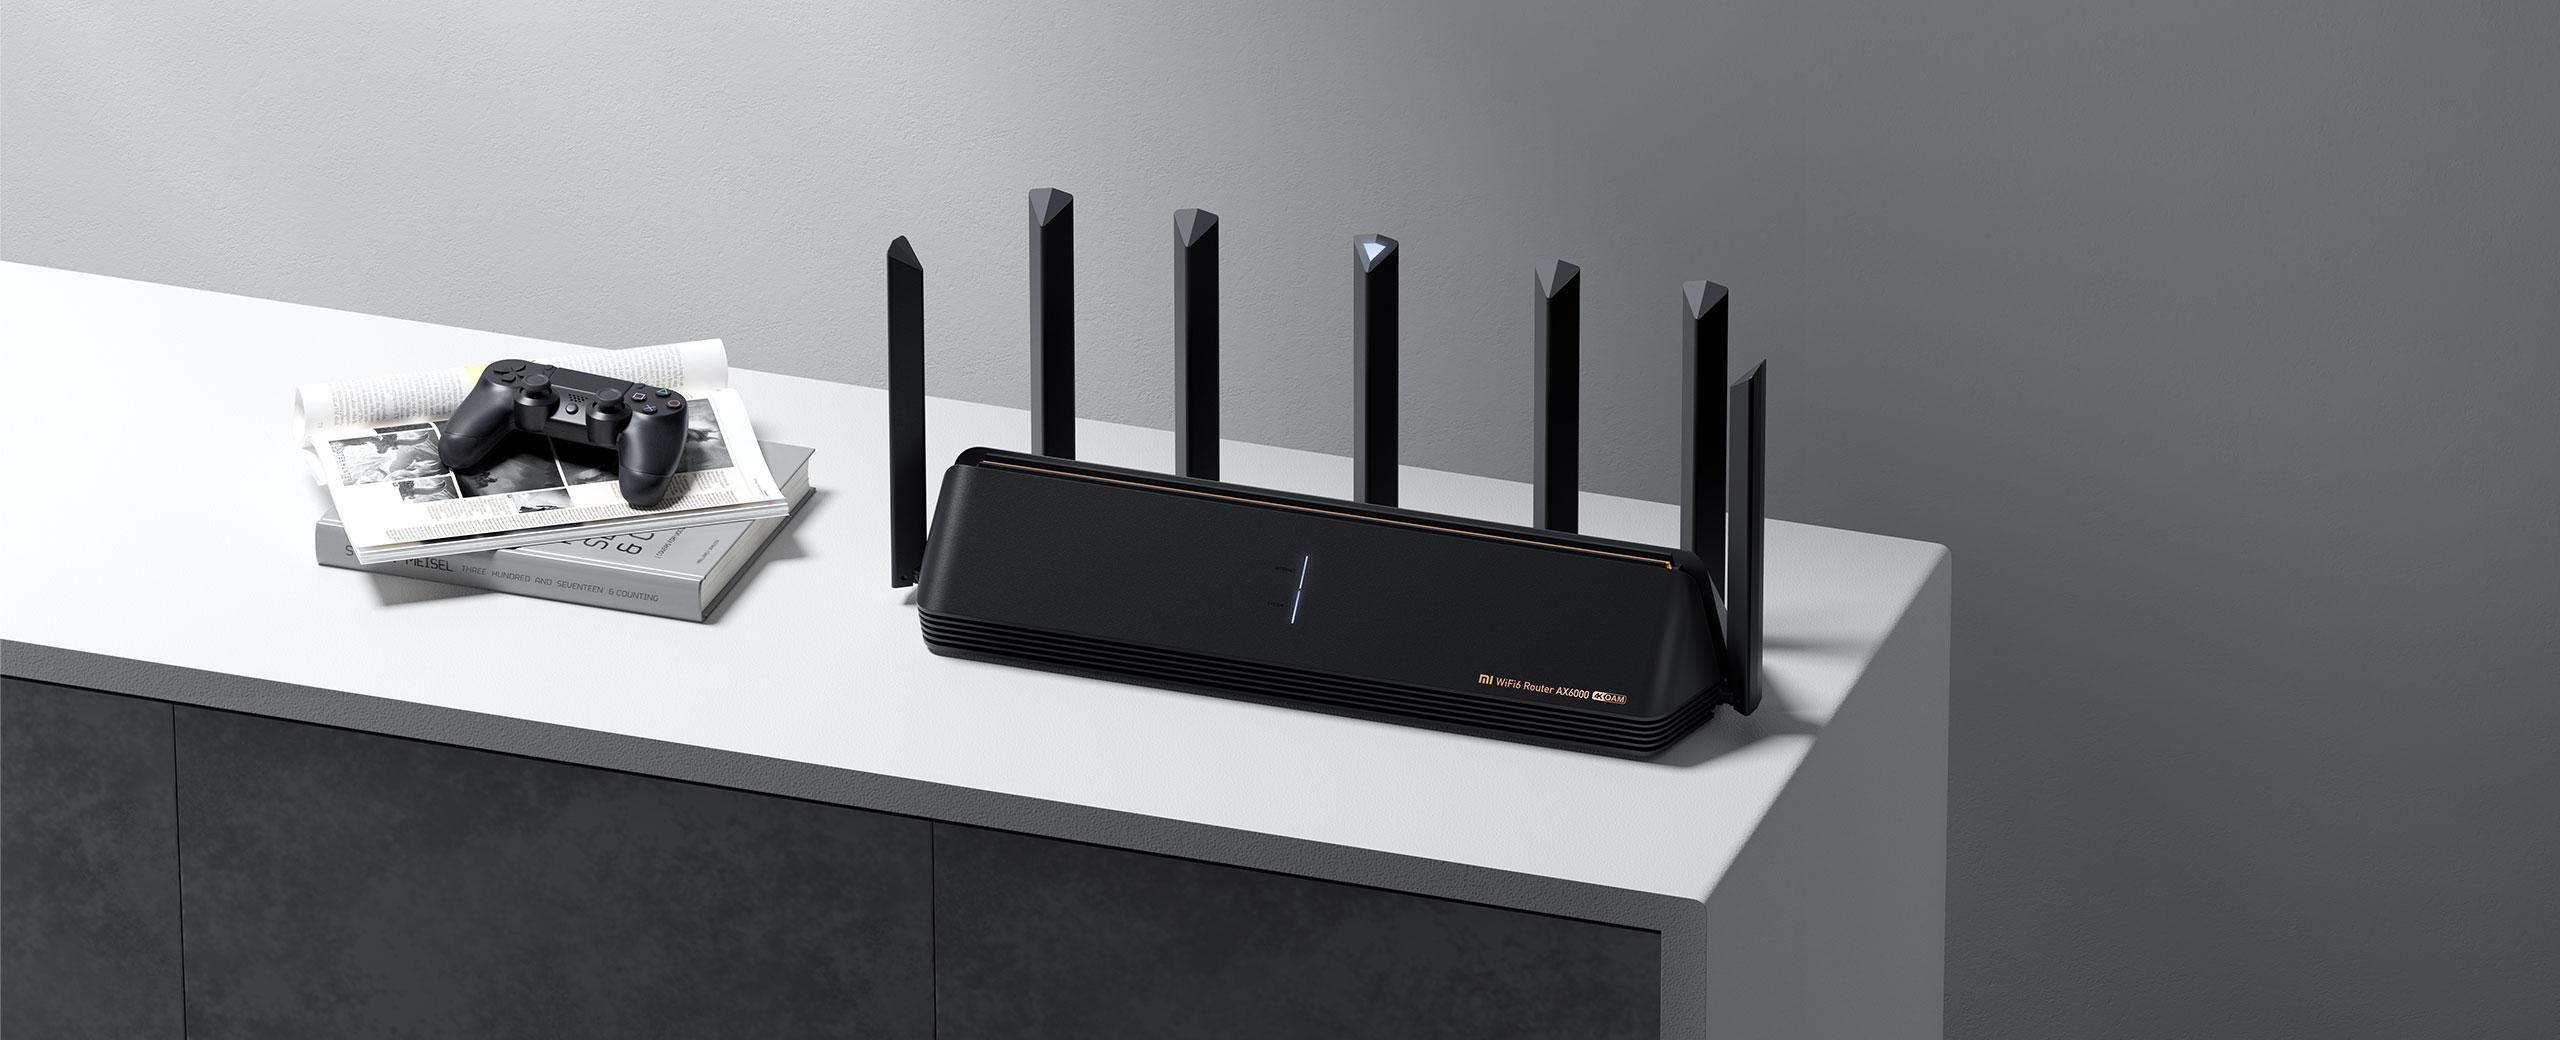 Nuevo Xiaomi router AX3600